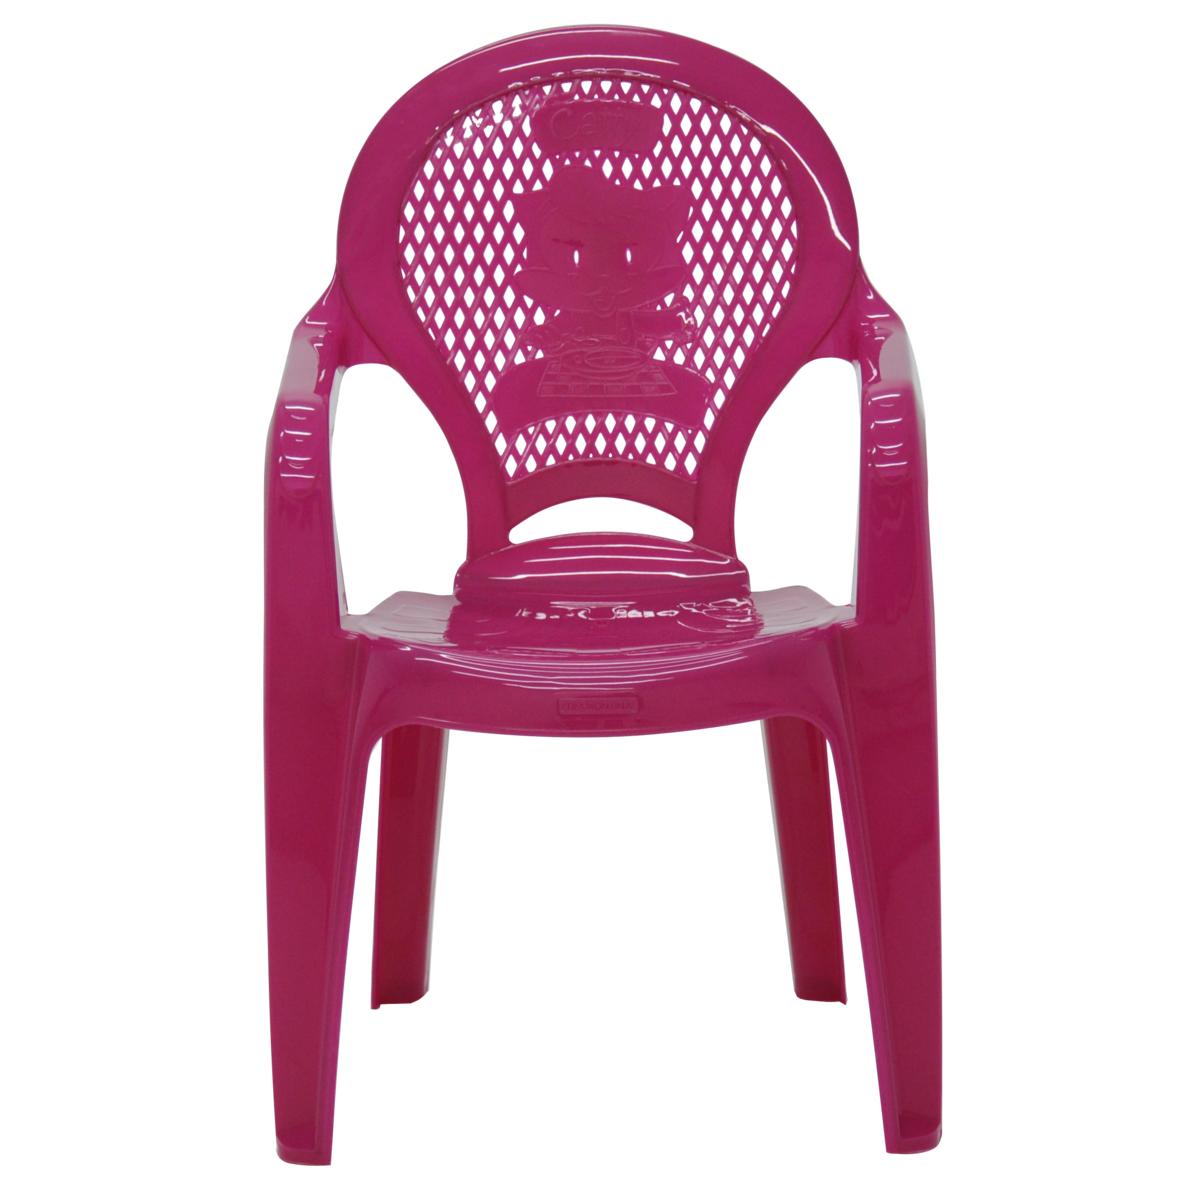 Poltrona Infantil de Plastico Estampada Rosa 92264060 - Tramontina